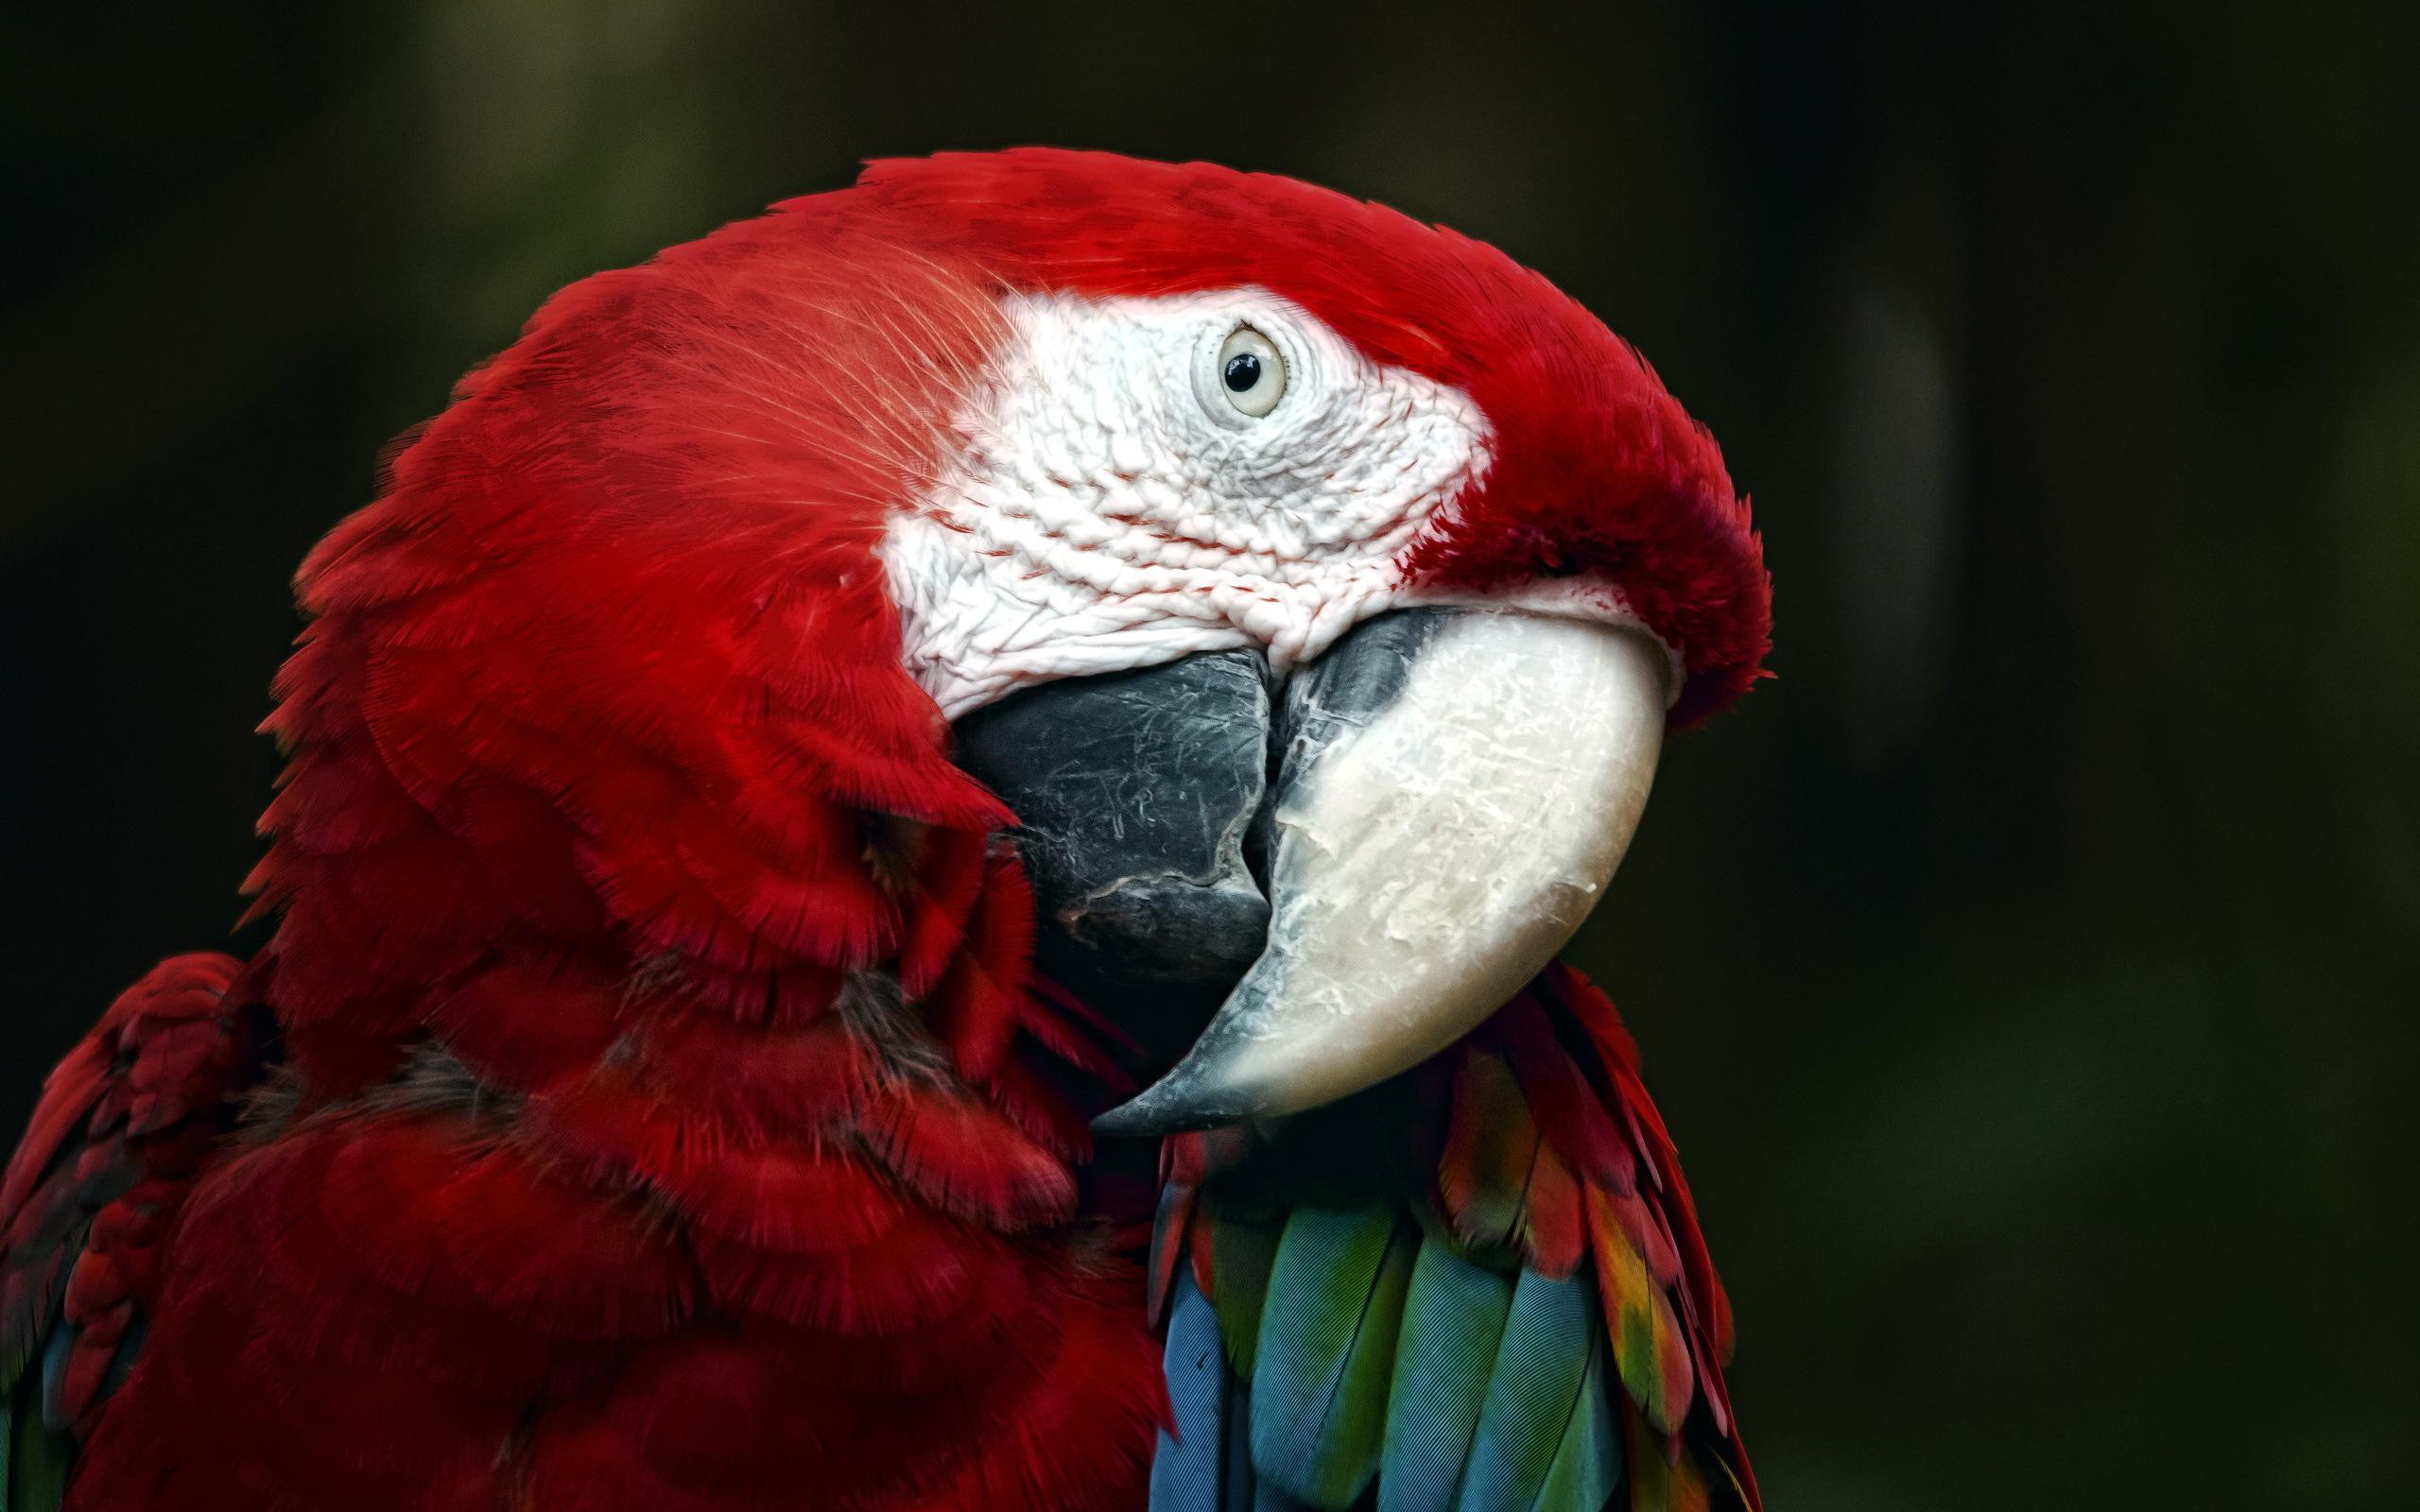 parrot images wallpaper